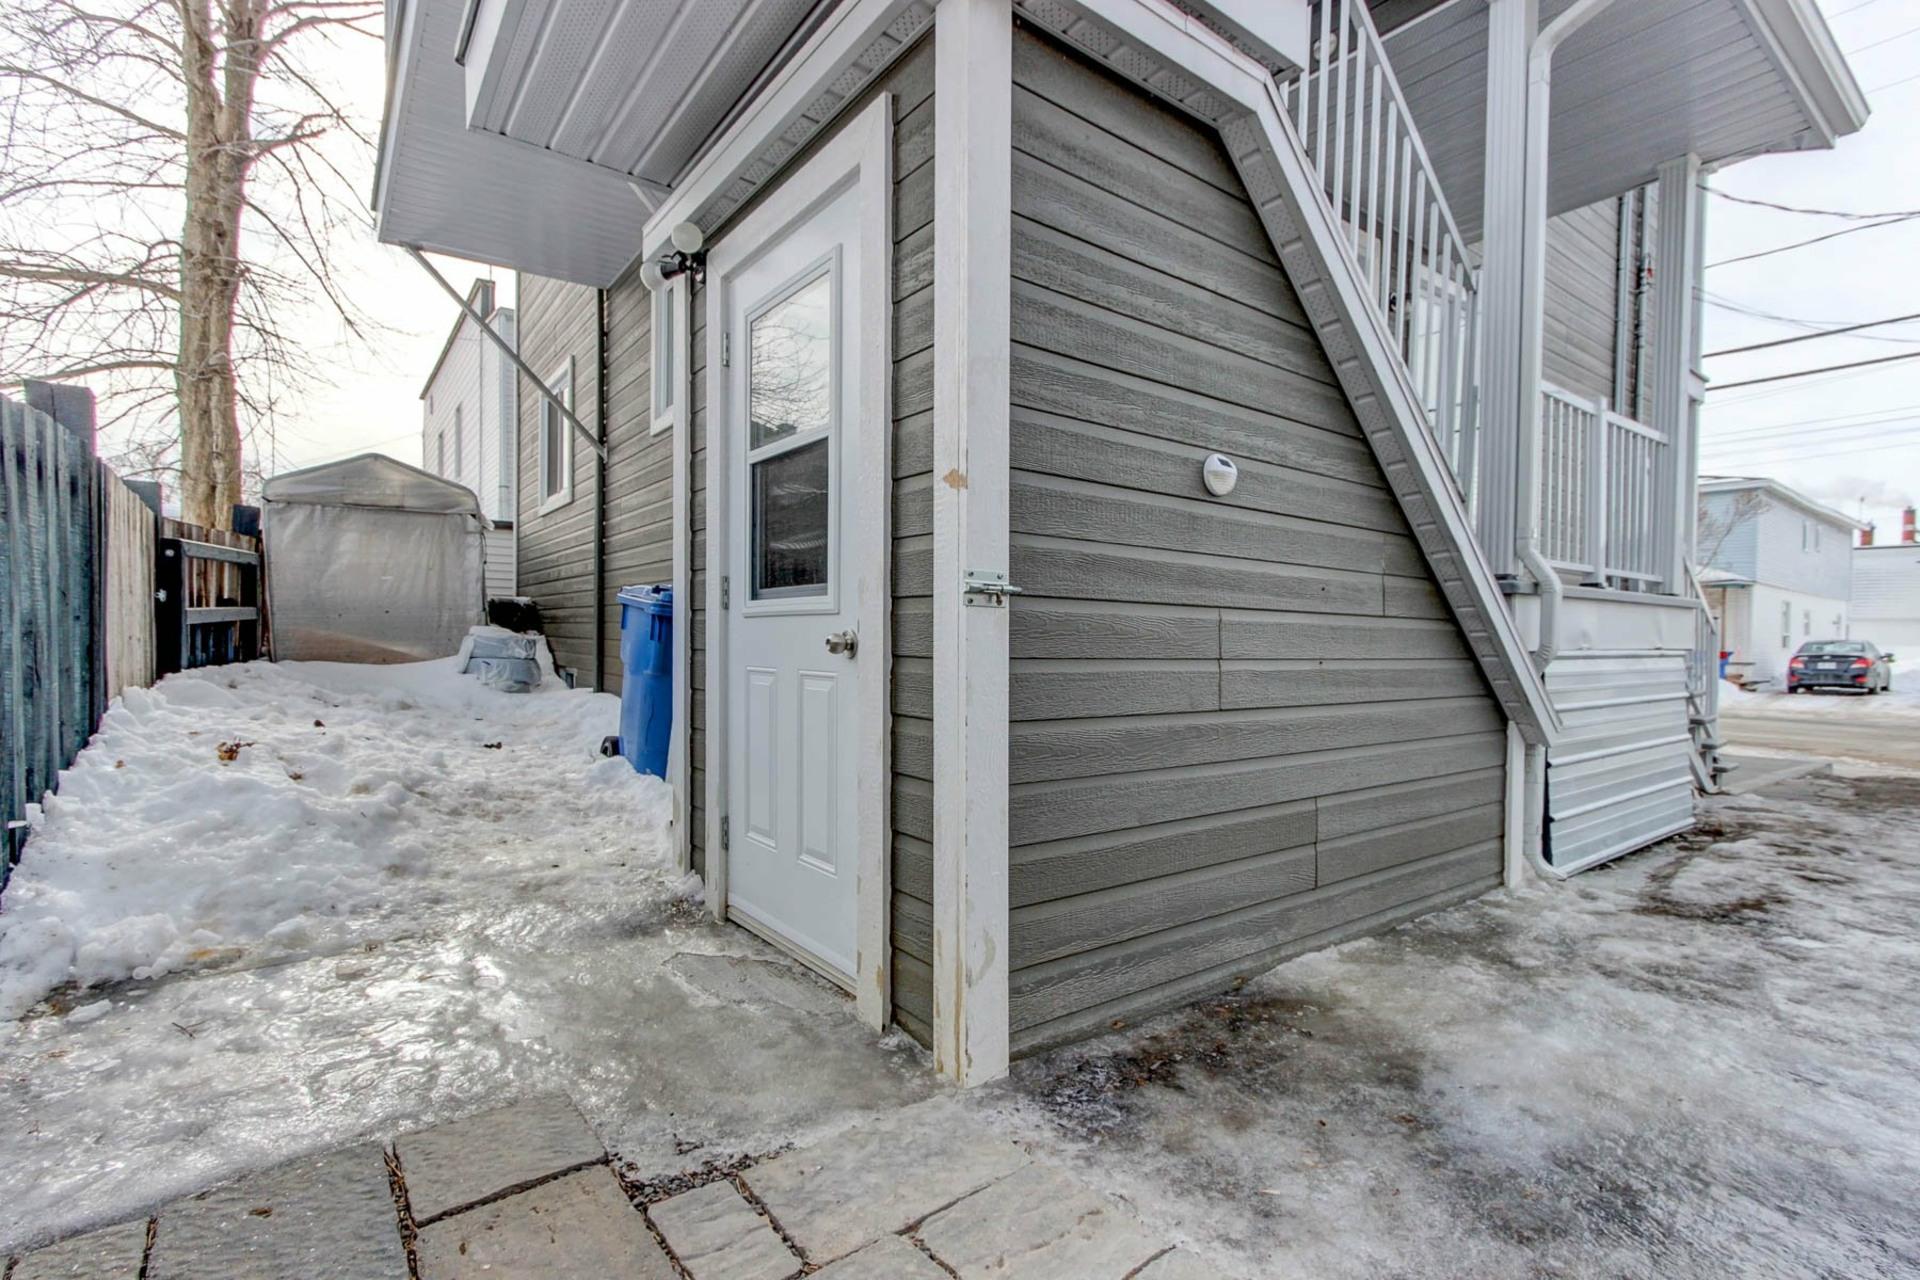 image 25 - Duplex À vendre Trois-Rivières - 8 pièces